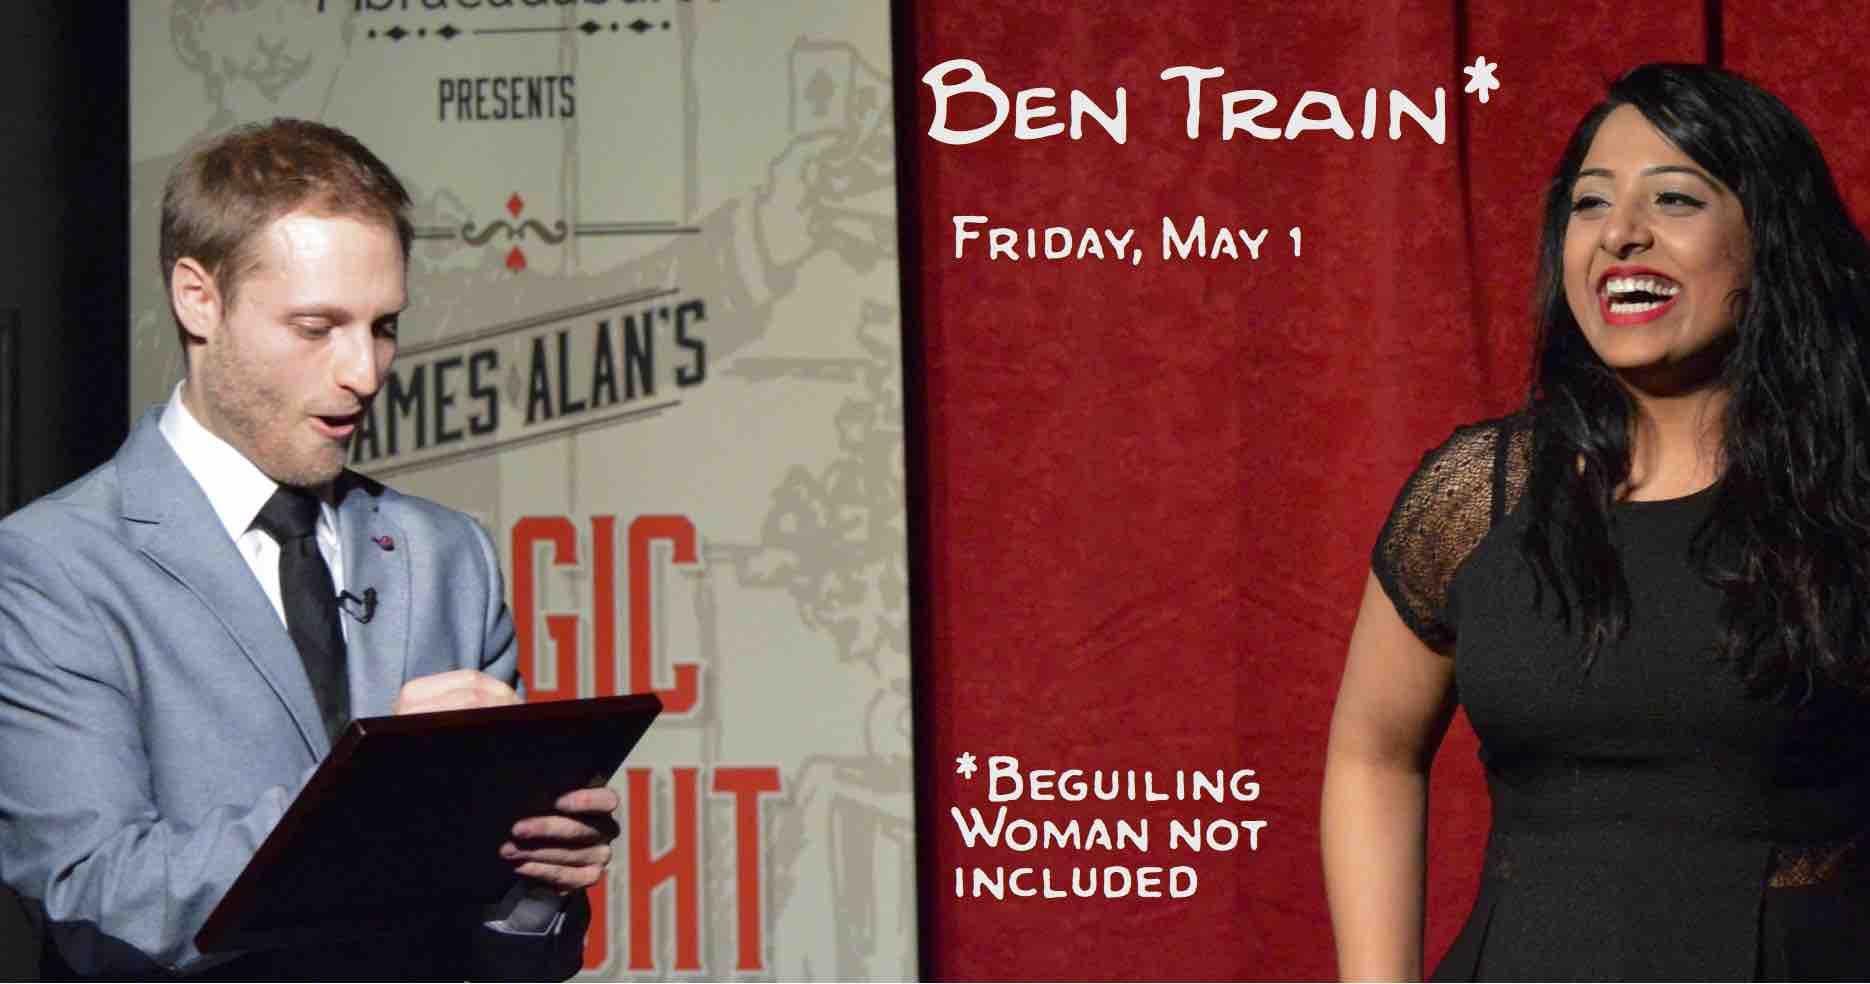 May 1 Ben Train